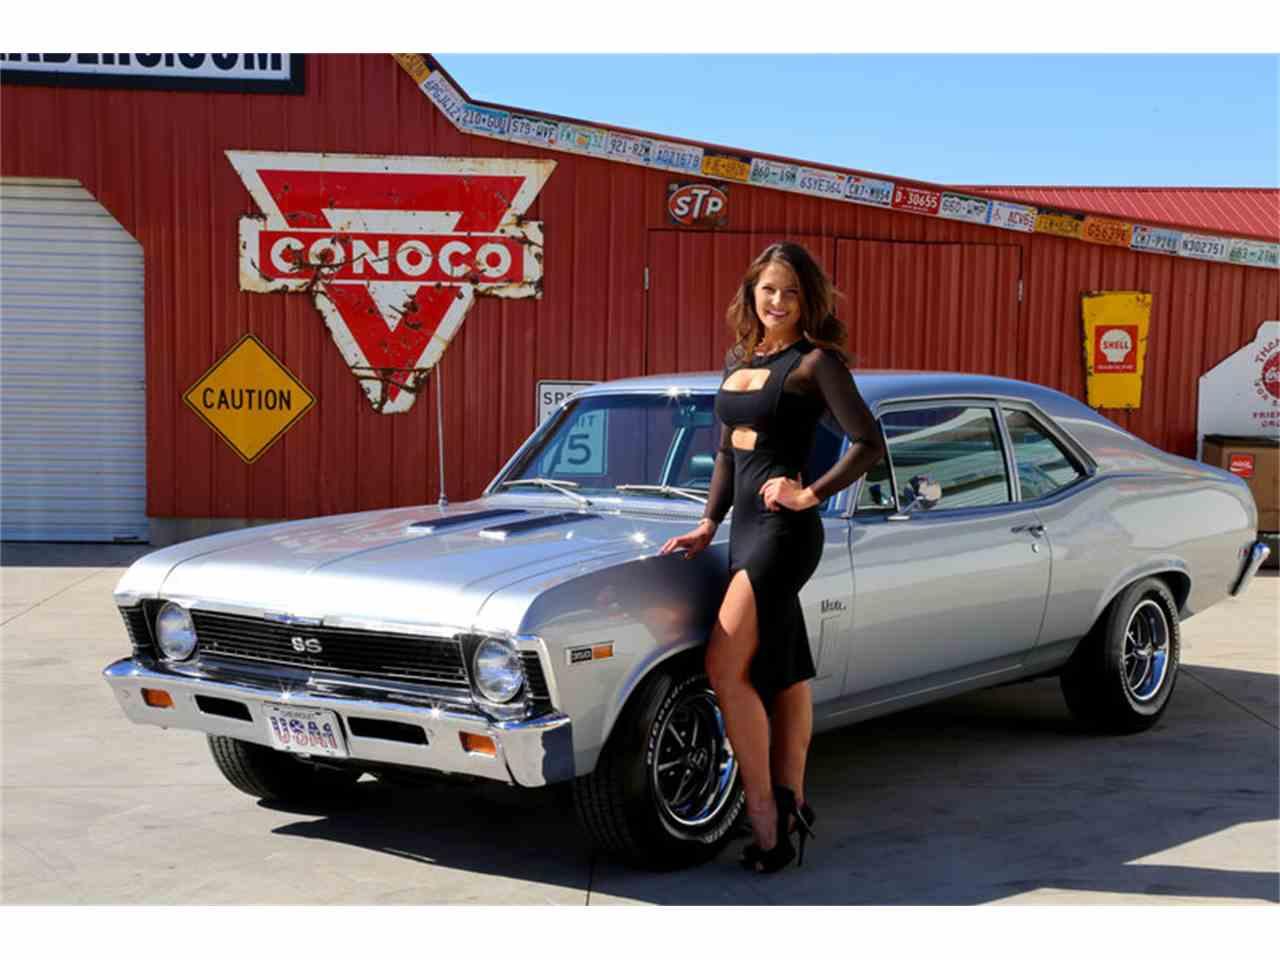 1969 Chevrolet Nova Ss For Sale Classiccars Com Cc 975770